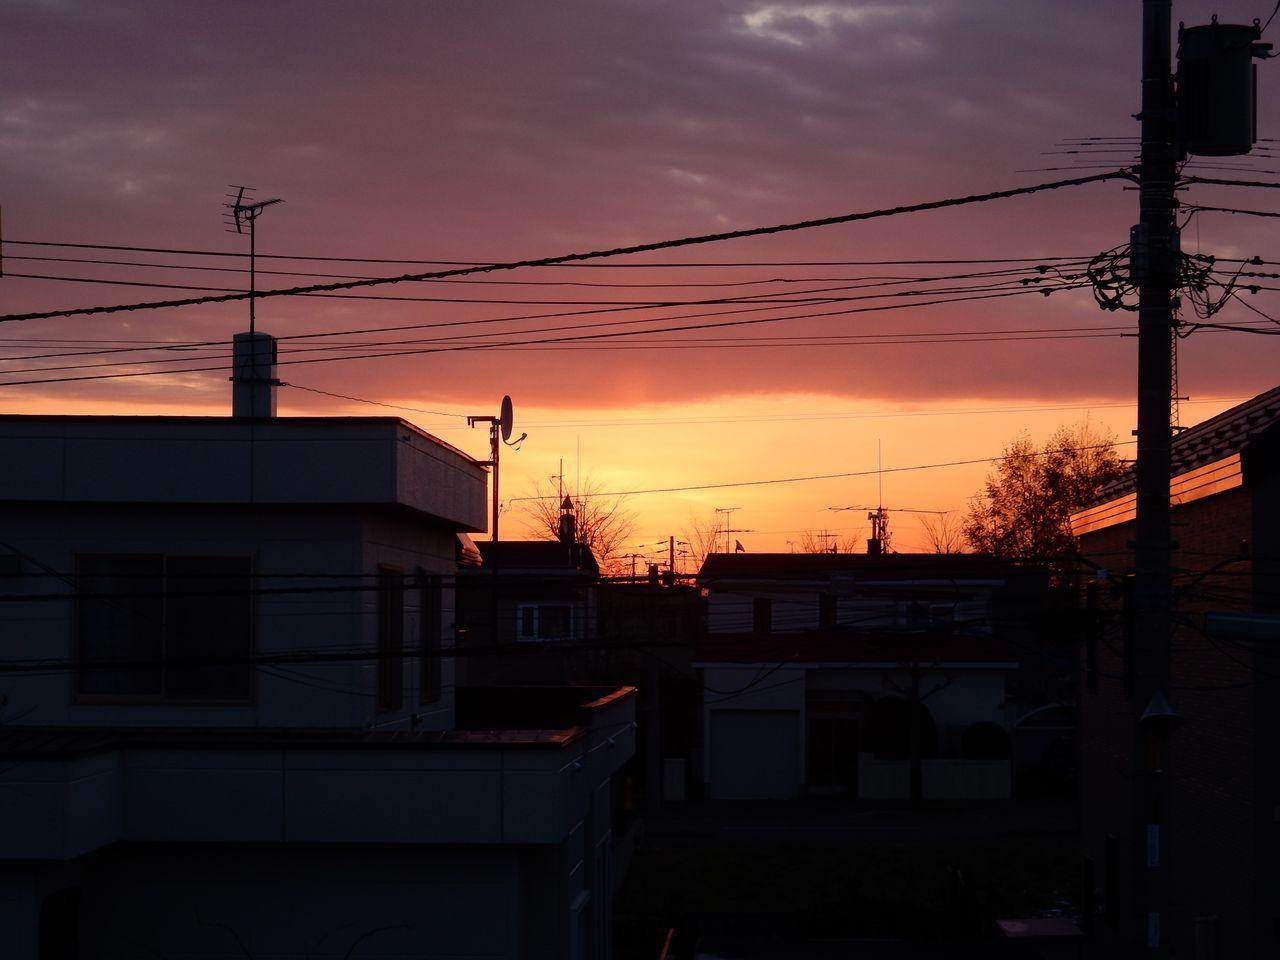 釧路へ_c0025115_22091871.jpg